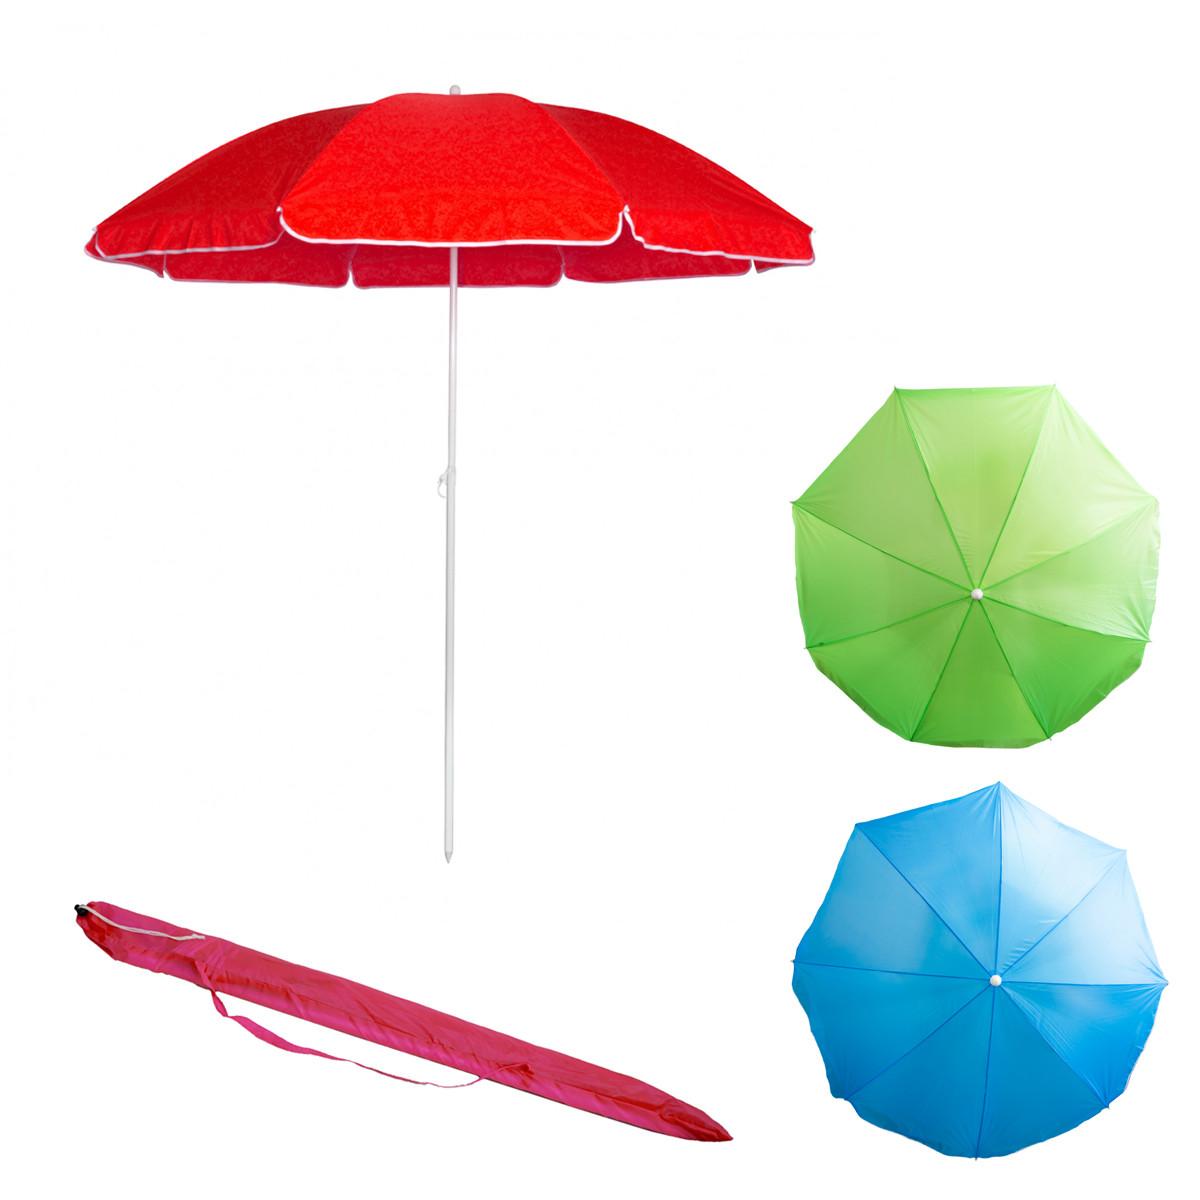 Пляжный зонтик однотонный Stenson 1.8 м Красный зонт без наклона (парасоль пляжна) (ST)